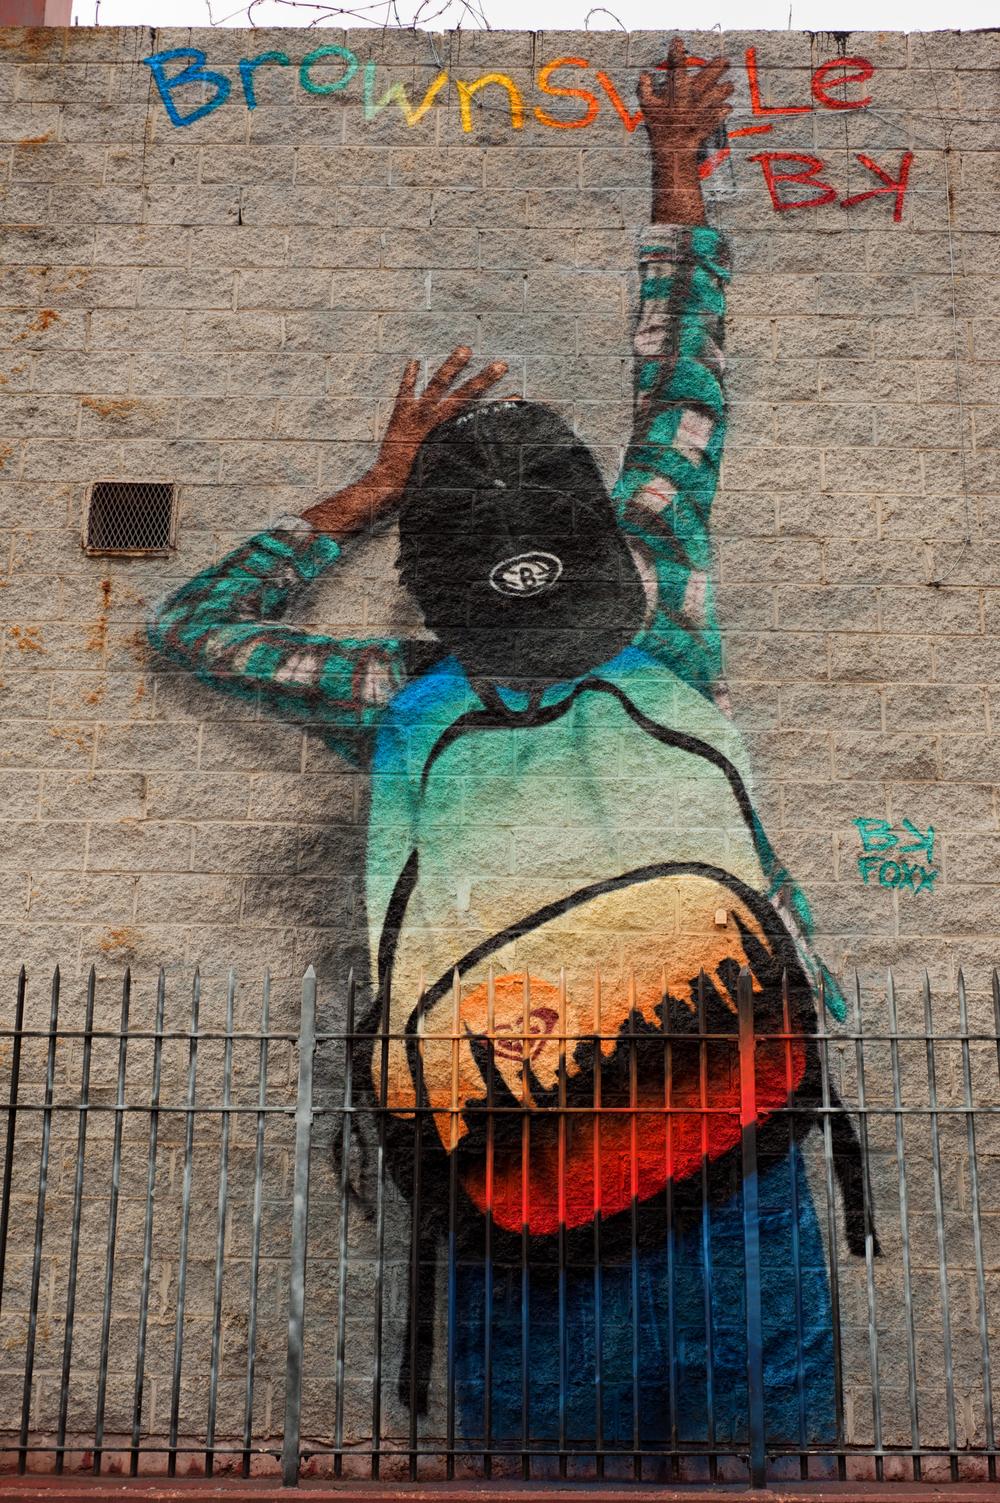 N carlos jay - street art - cREAtive Castle Studios 7.jpg